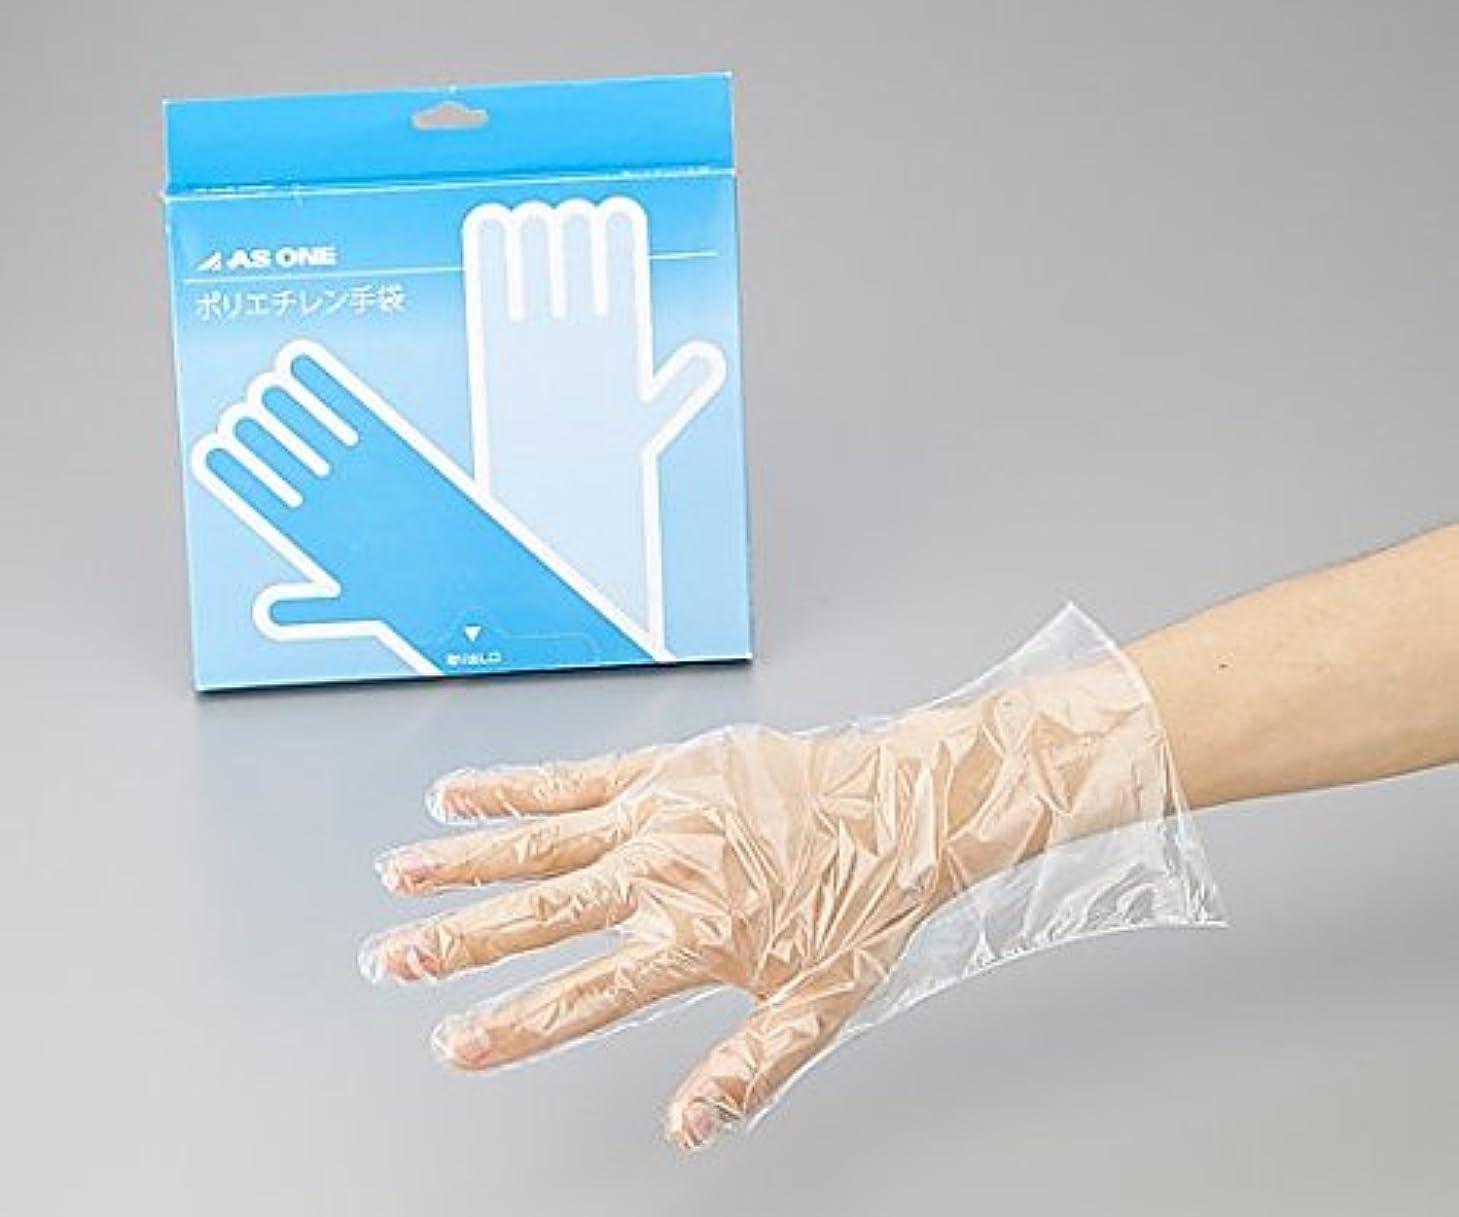 同情腰絞るアズワン2-4972-01ポリエチレン手袋エコノミー薄手L100枚入